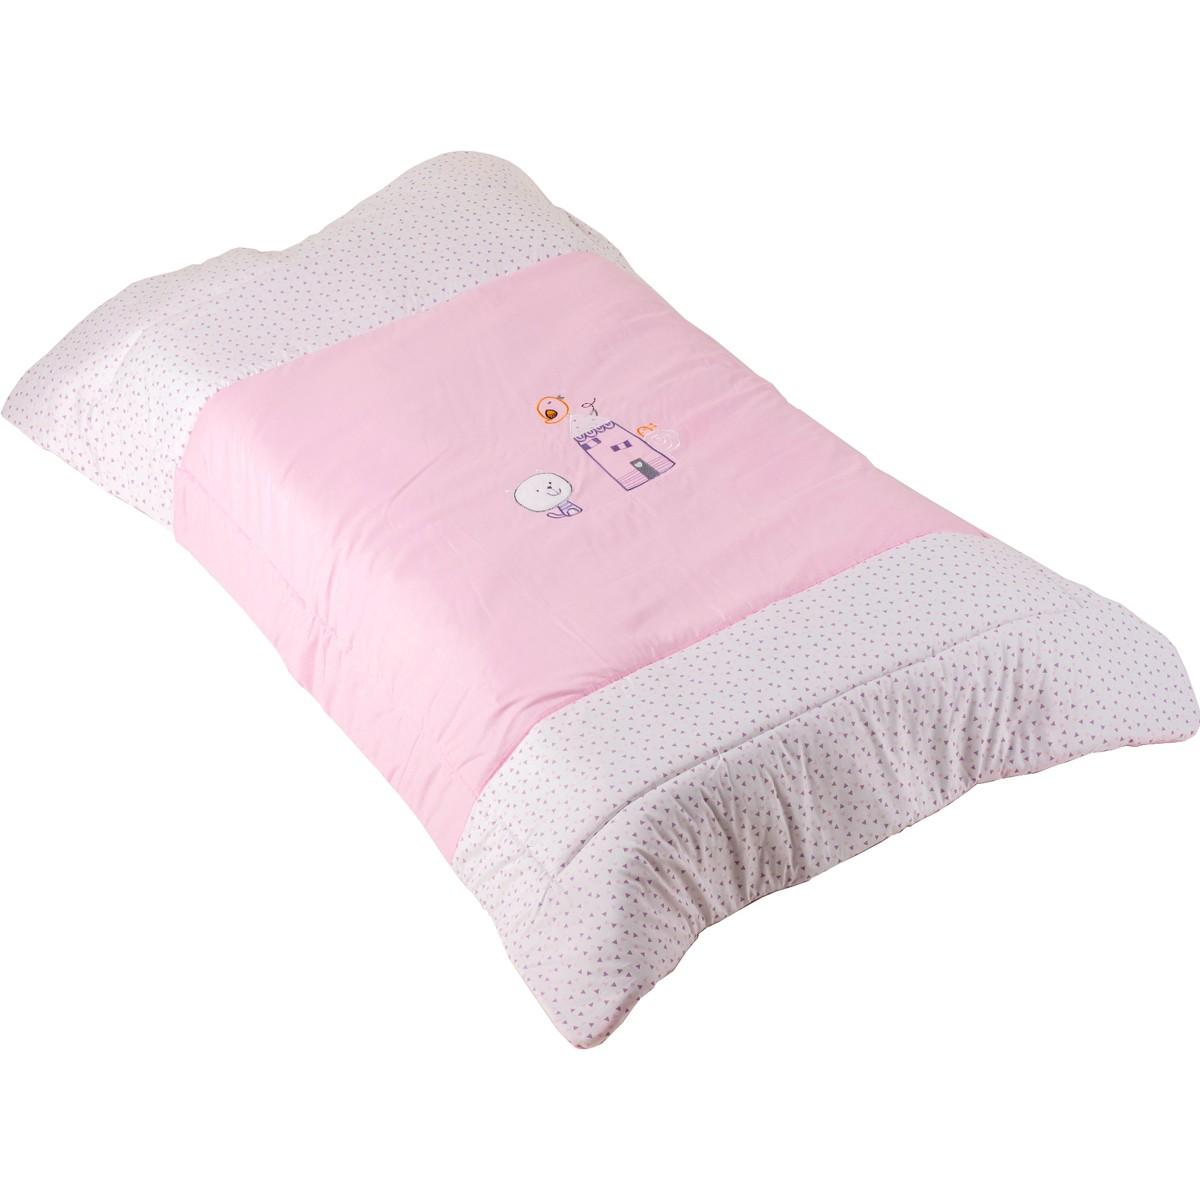 Πάπλωμα Κούνιας Κόσμος Του Μωρού Home 7950 Ροζ 74520